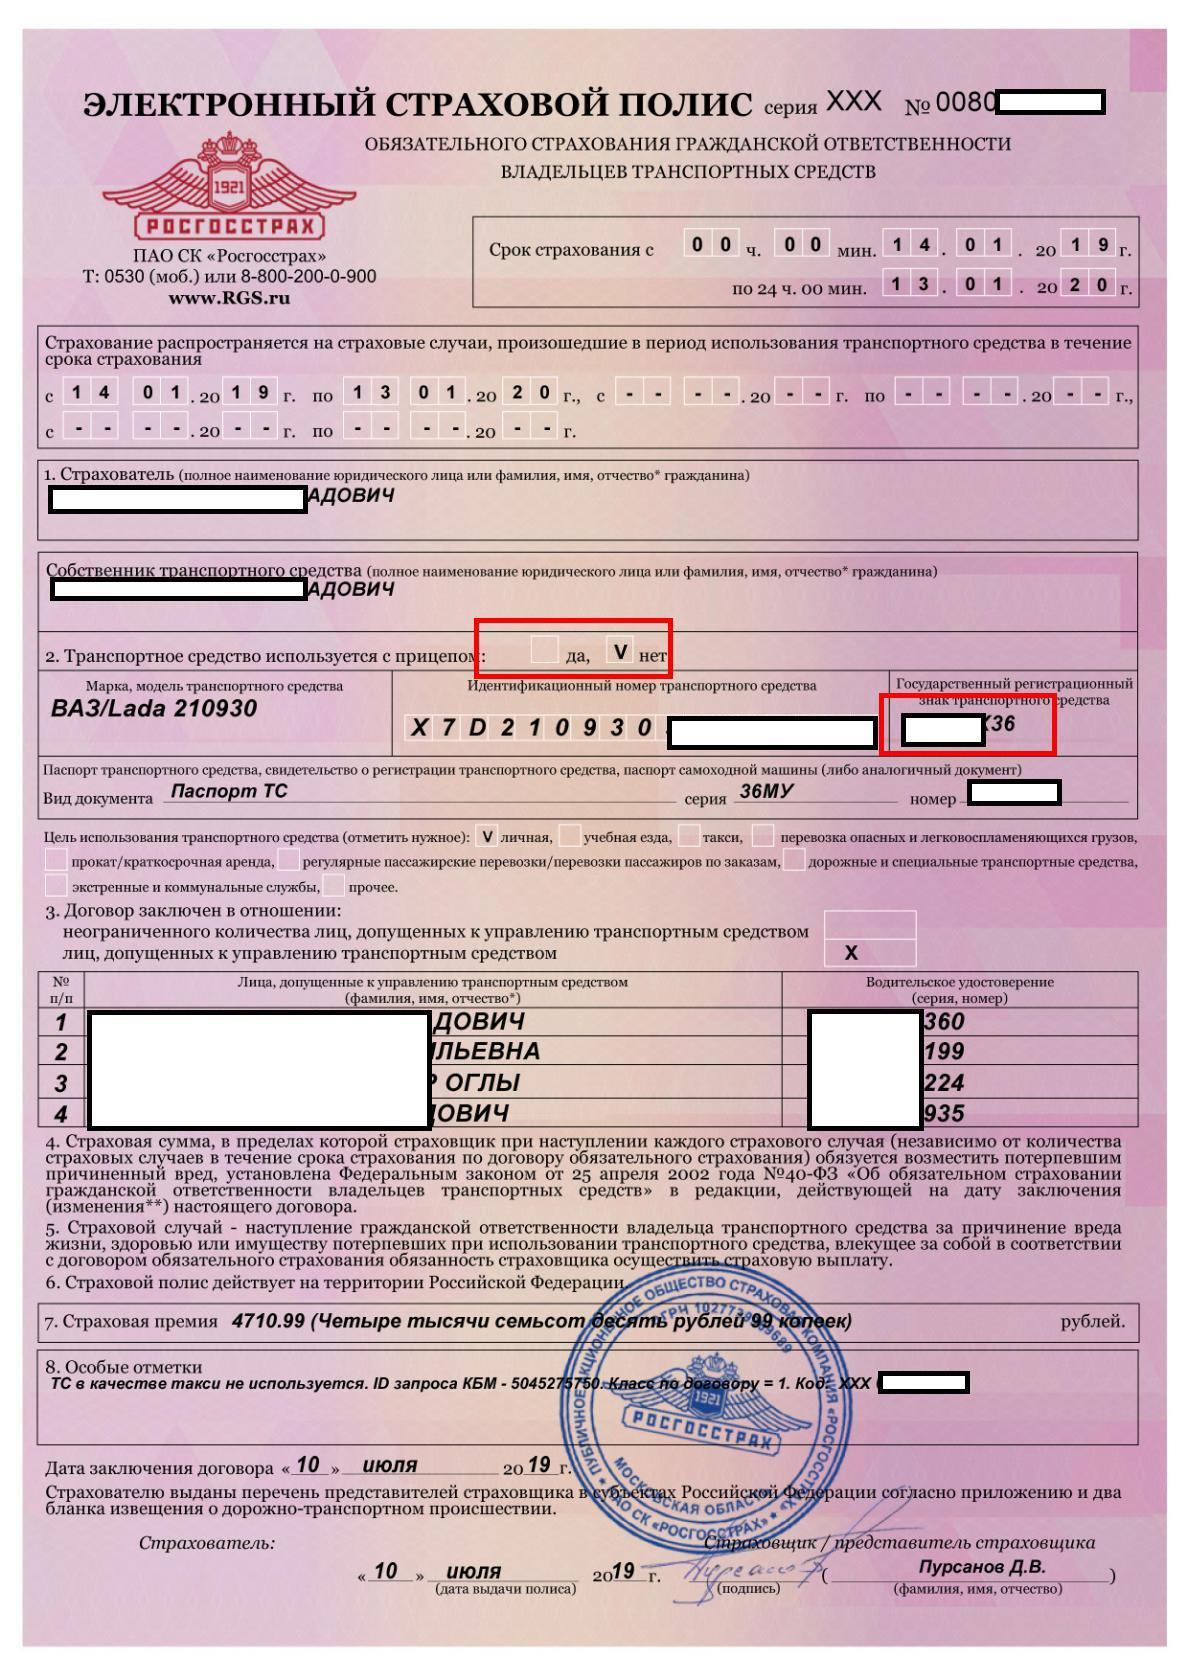 http://kursk2009.ucoz.ru/prava/rosgosstrakh_1.jpg